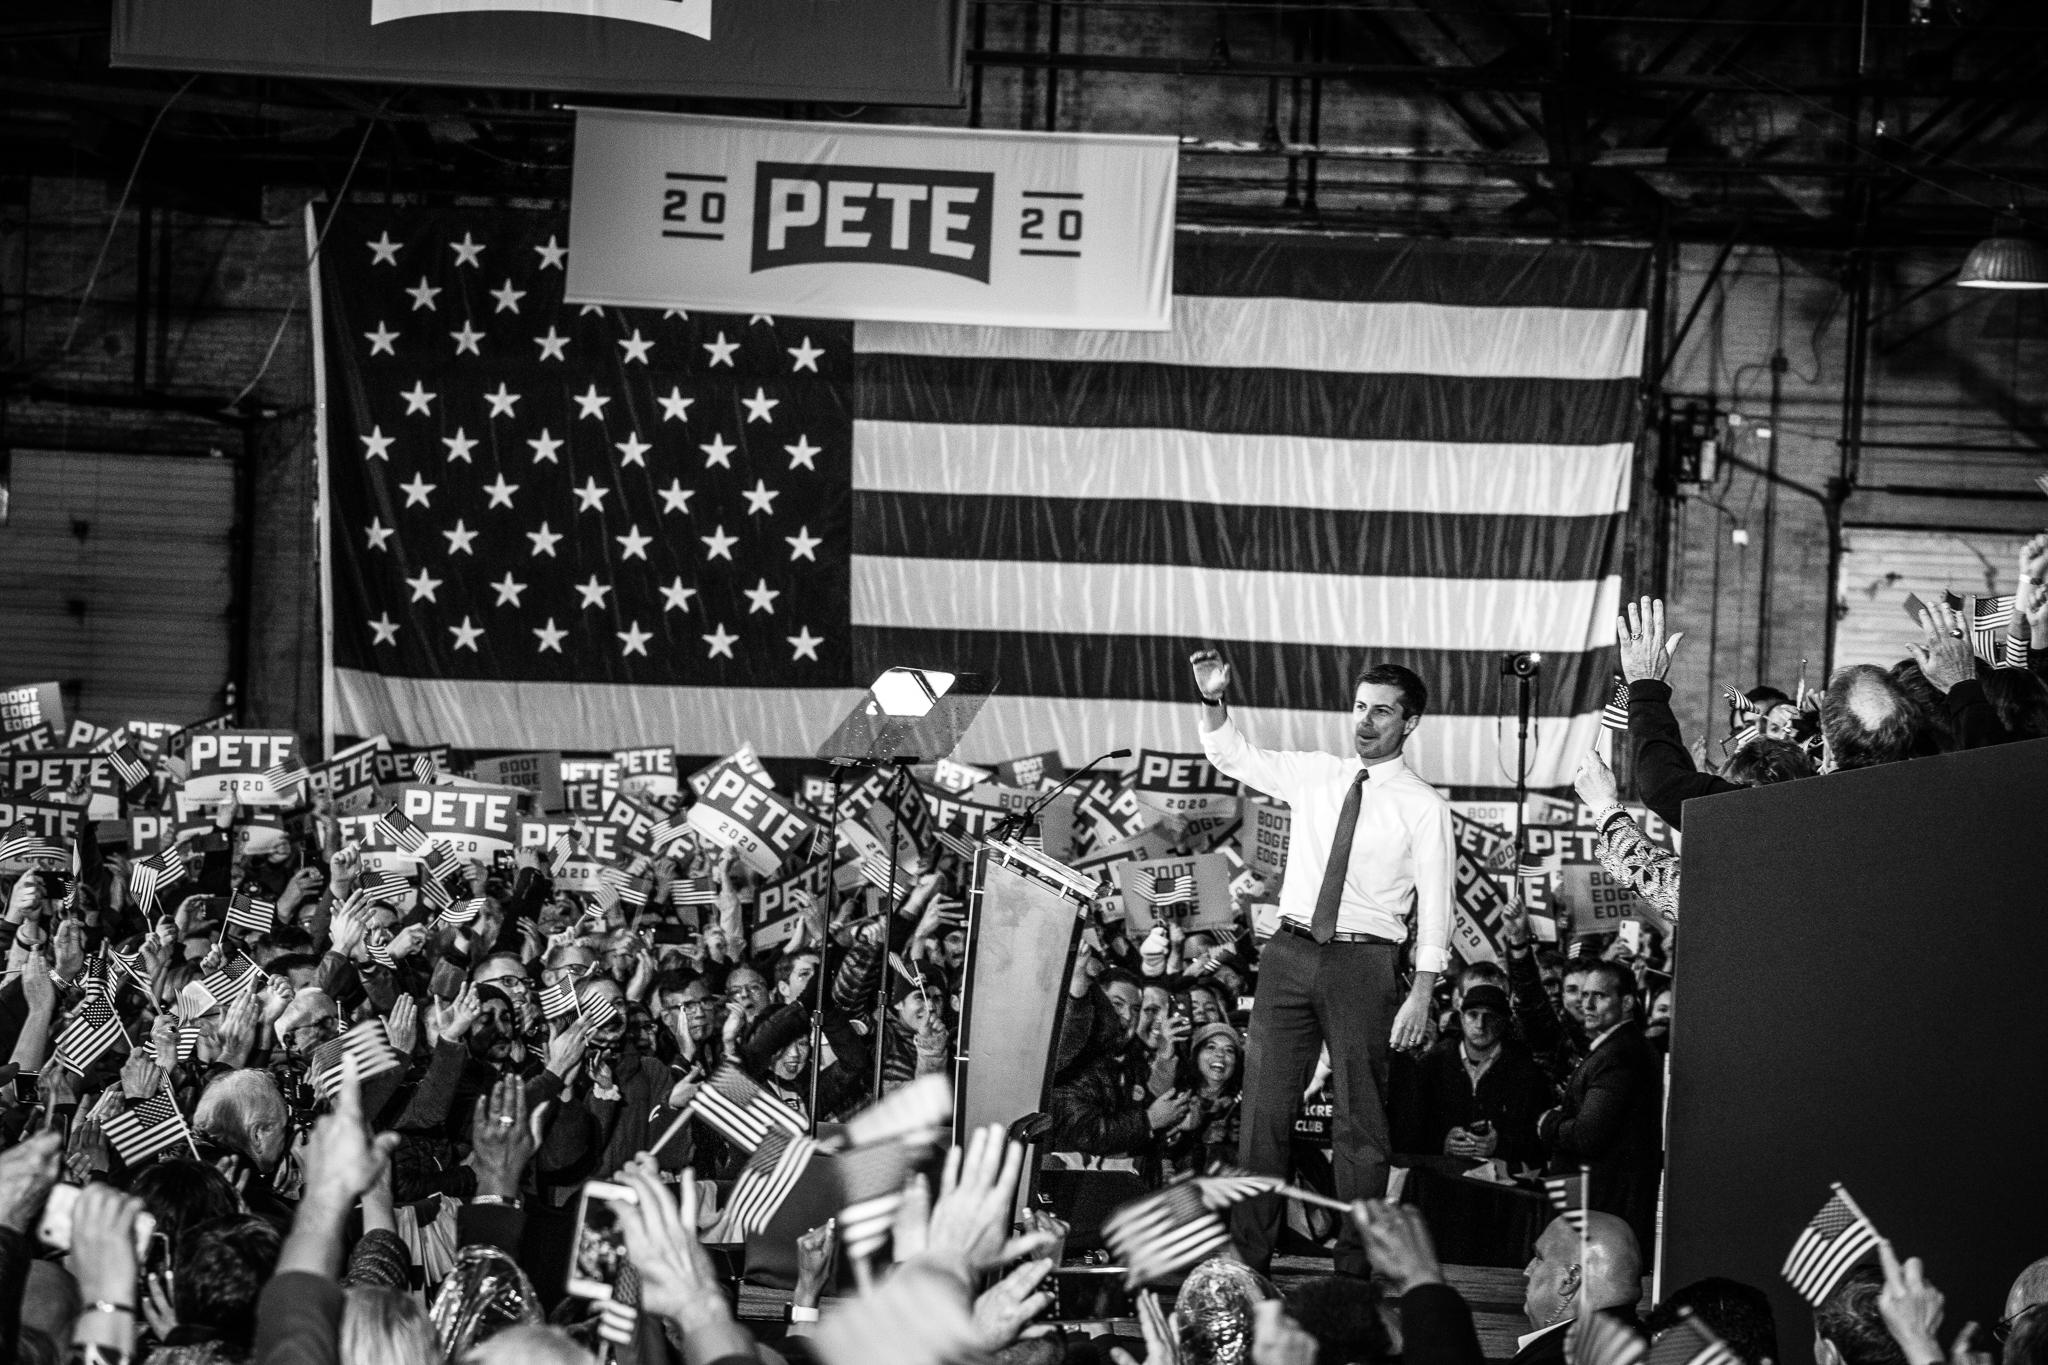 Pete-021.jpg